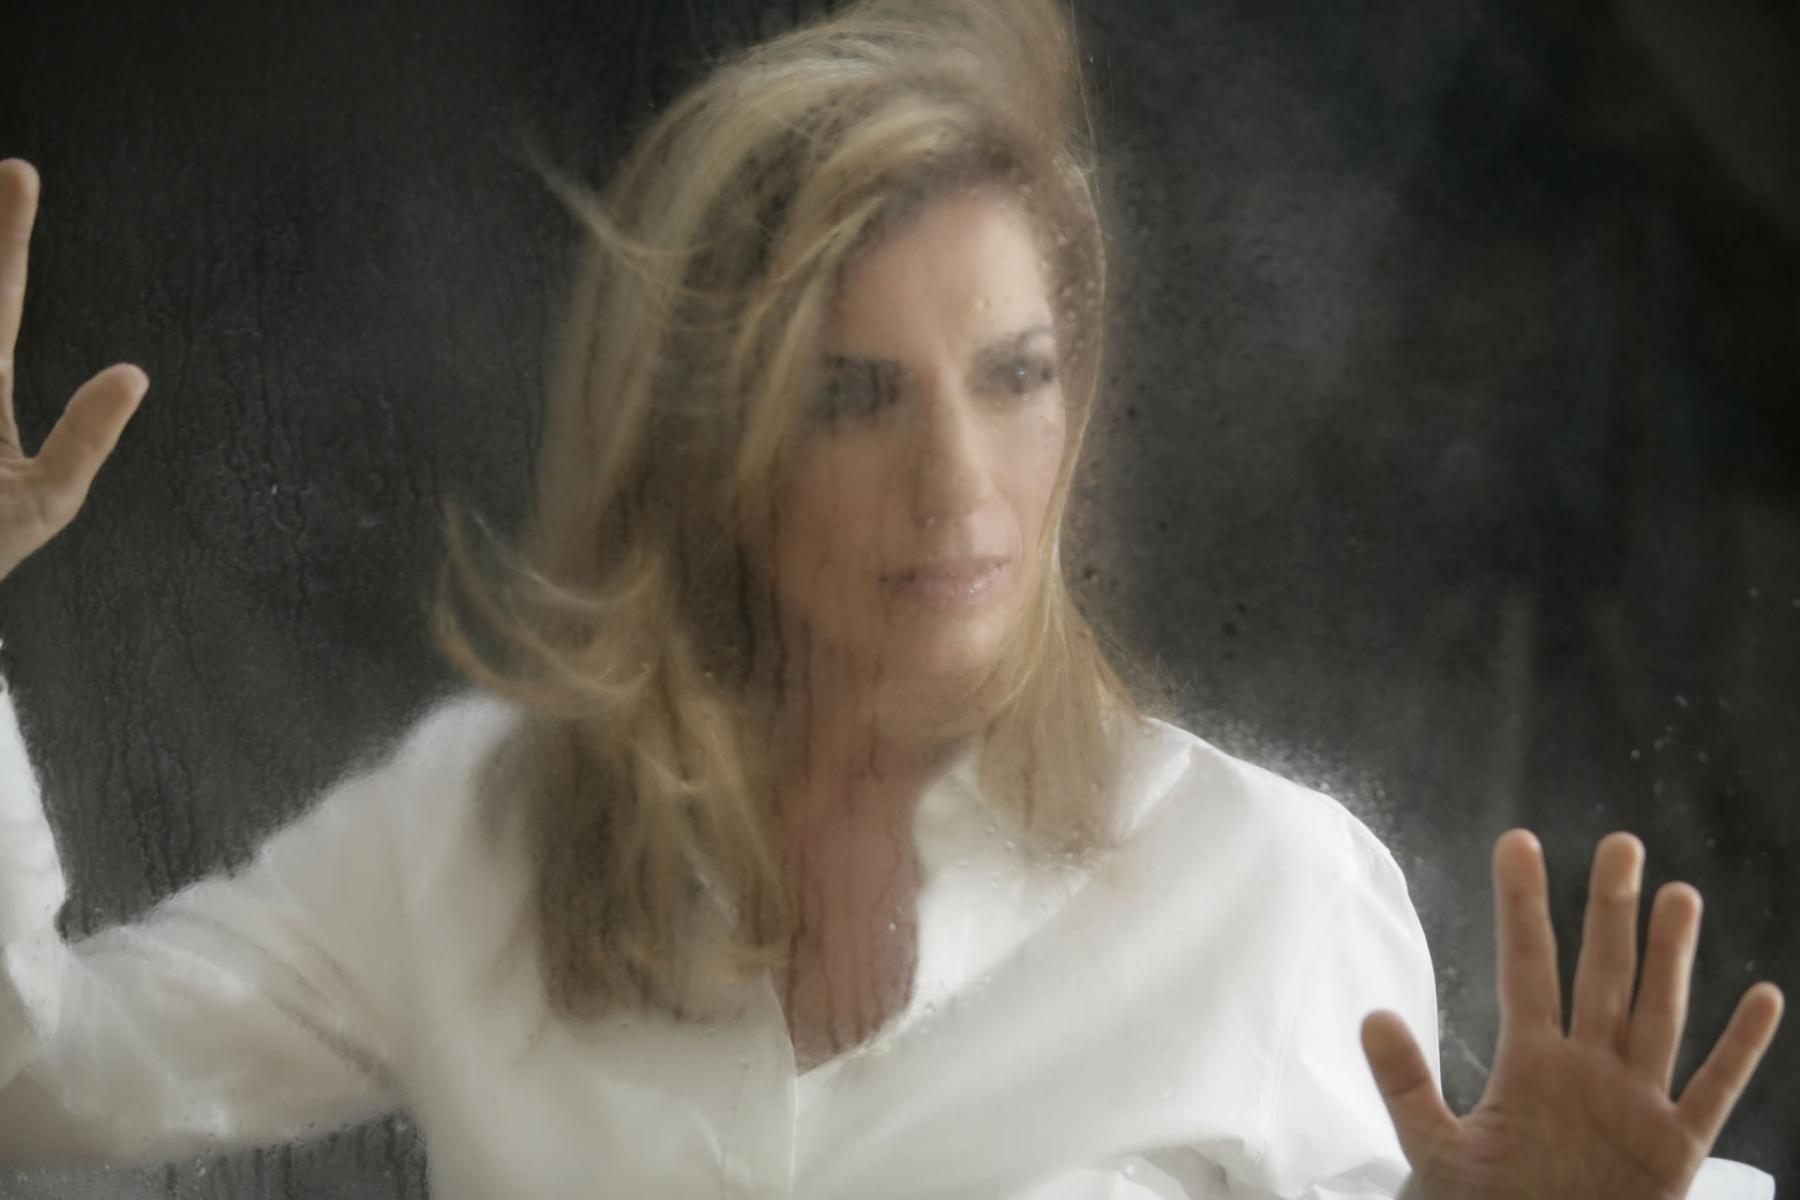 Leticia Morales Bojalil